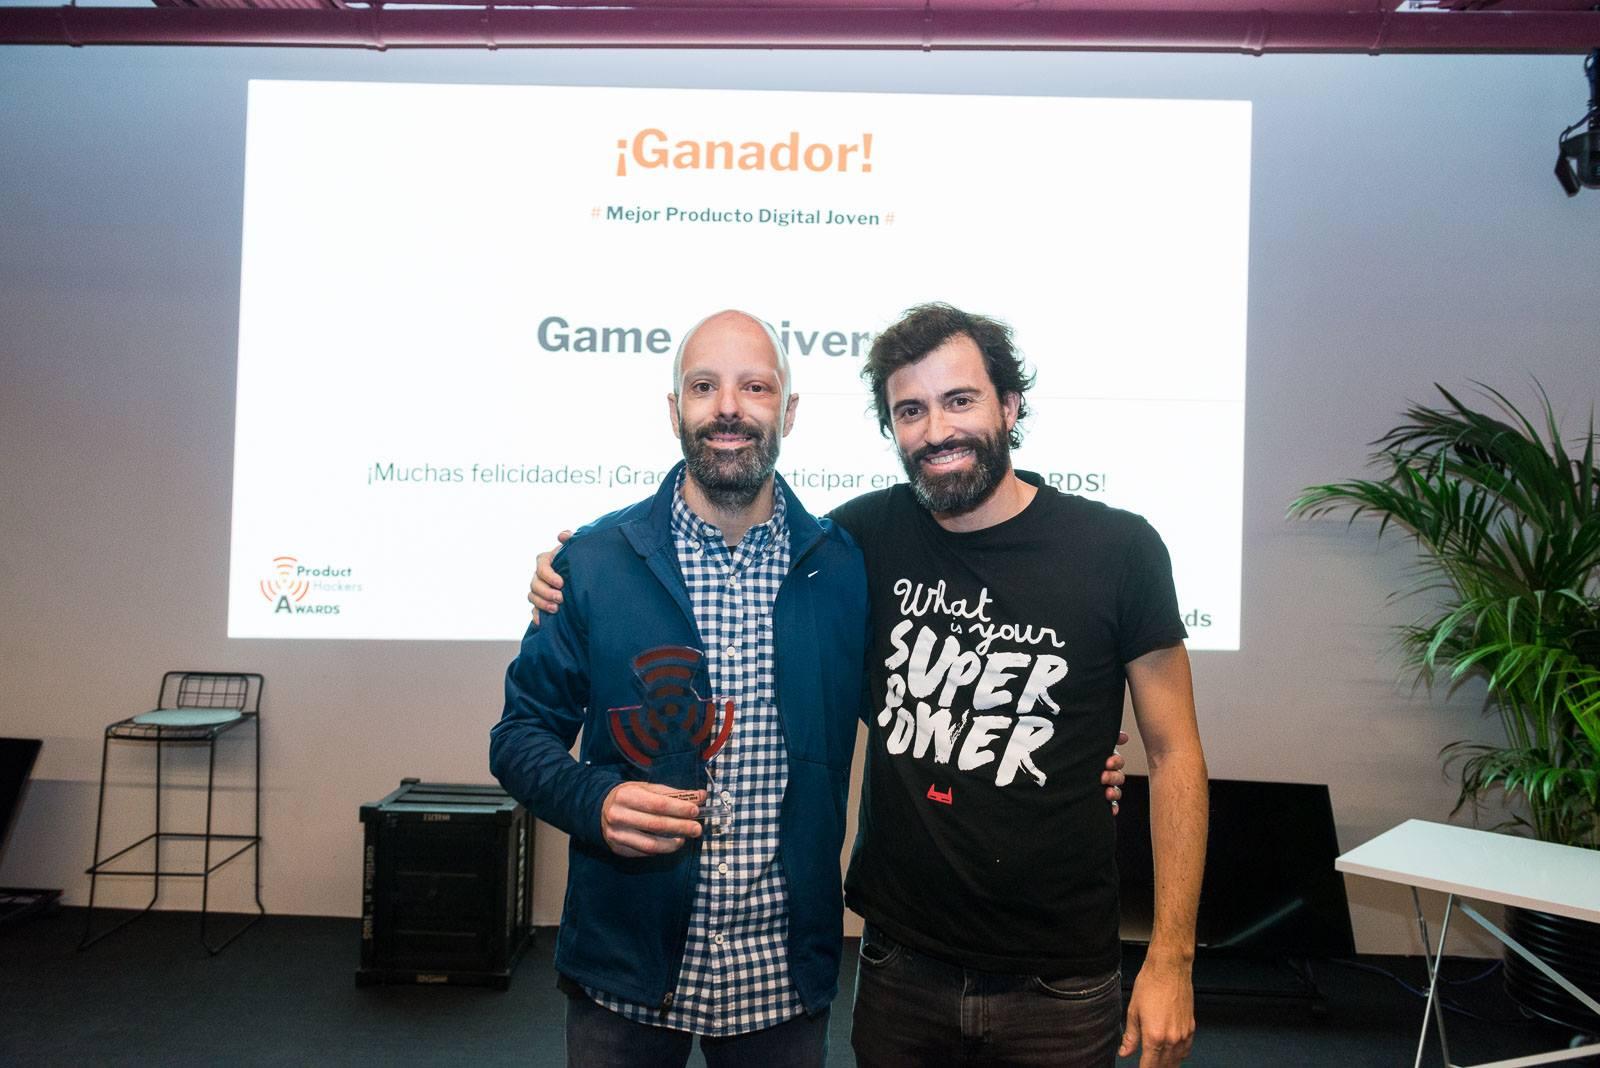 Felipe Casajús, CEO de Inserver, recibiendo el premio para el mejor producto digital joven